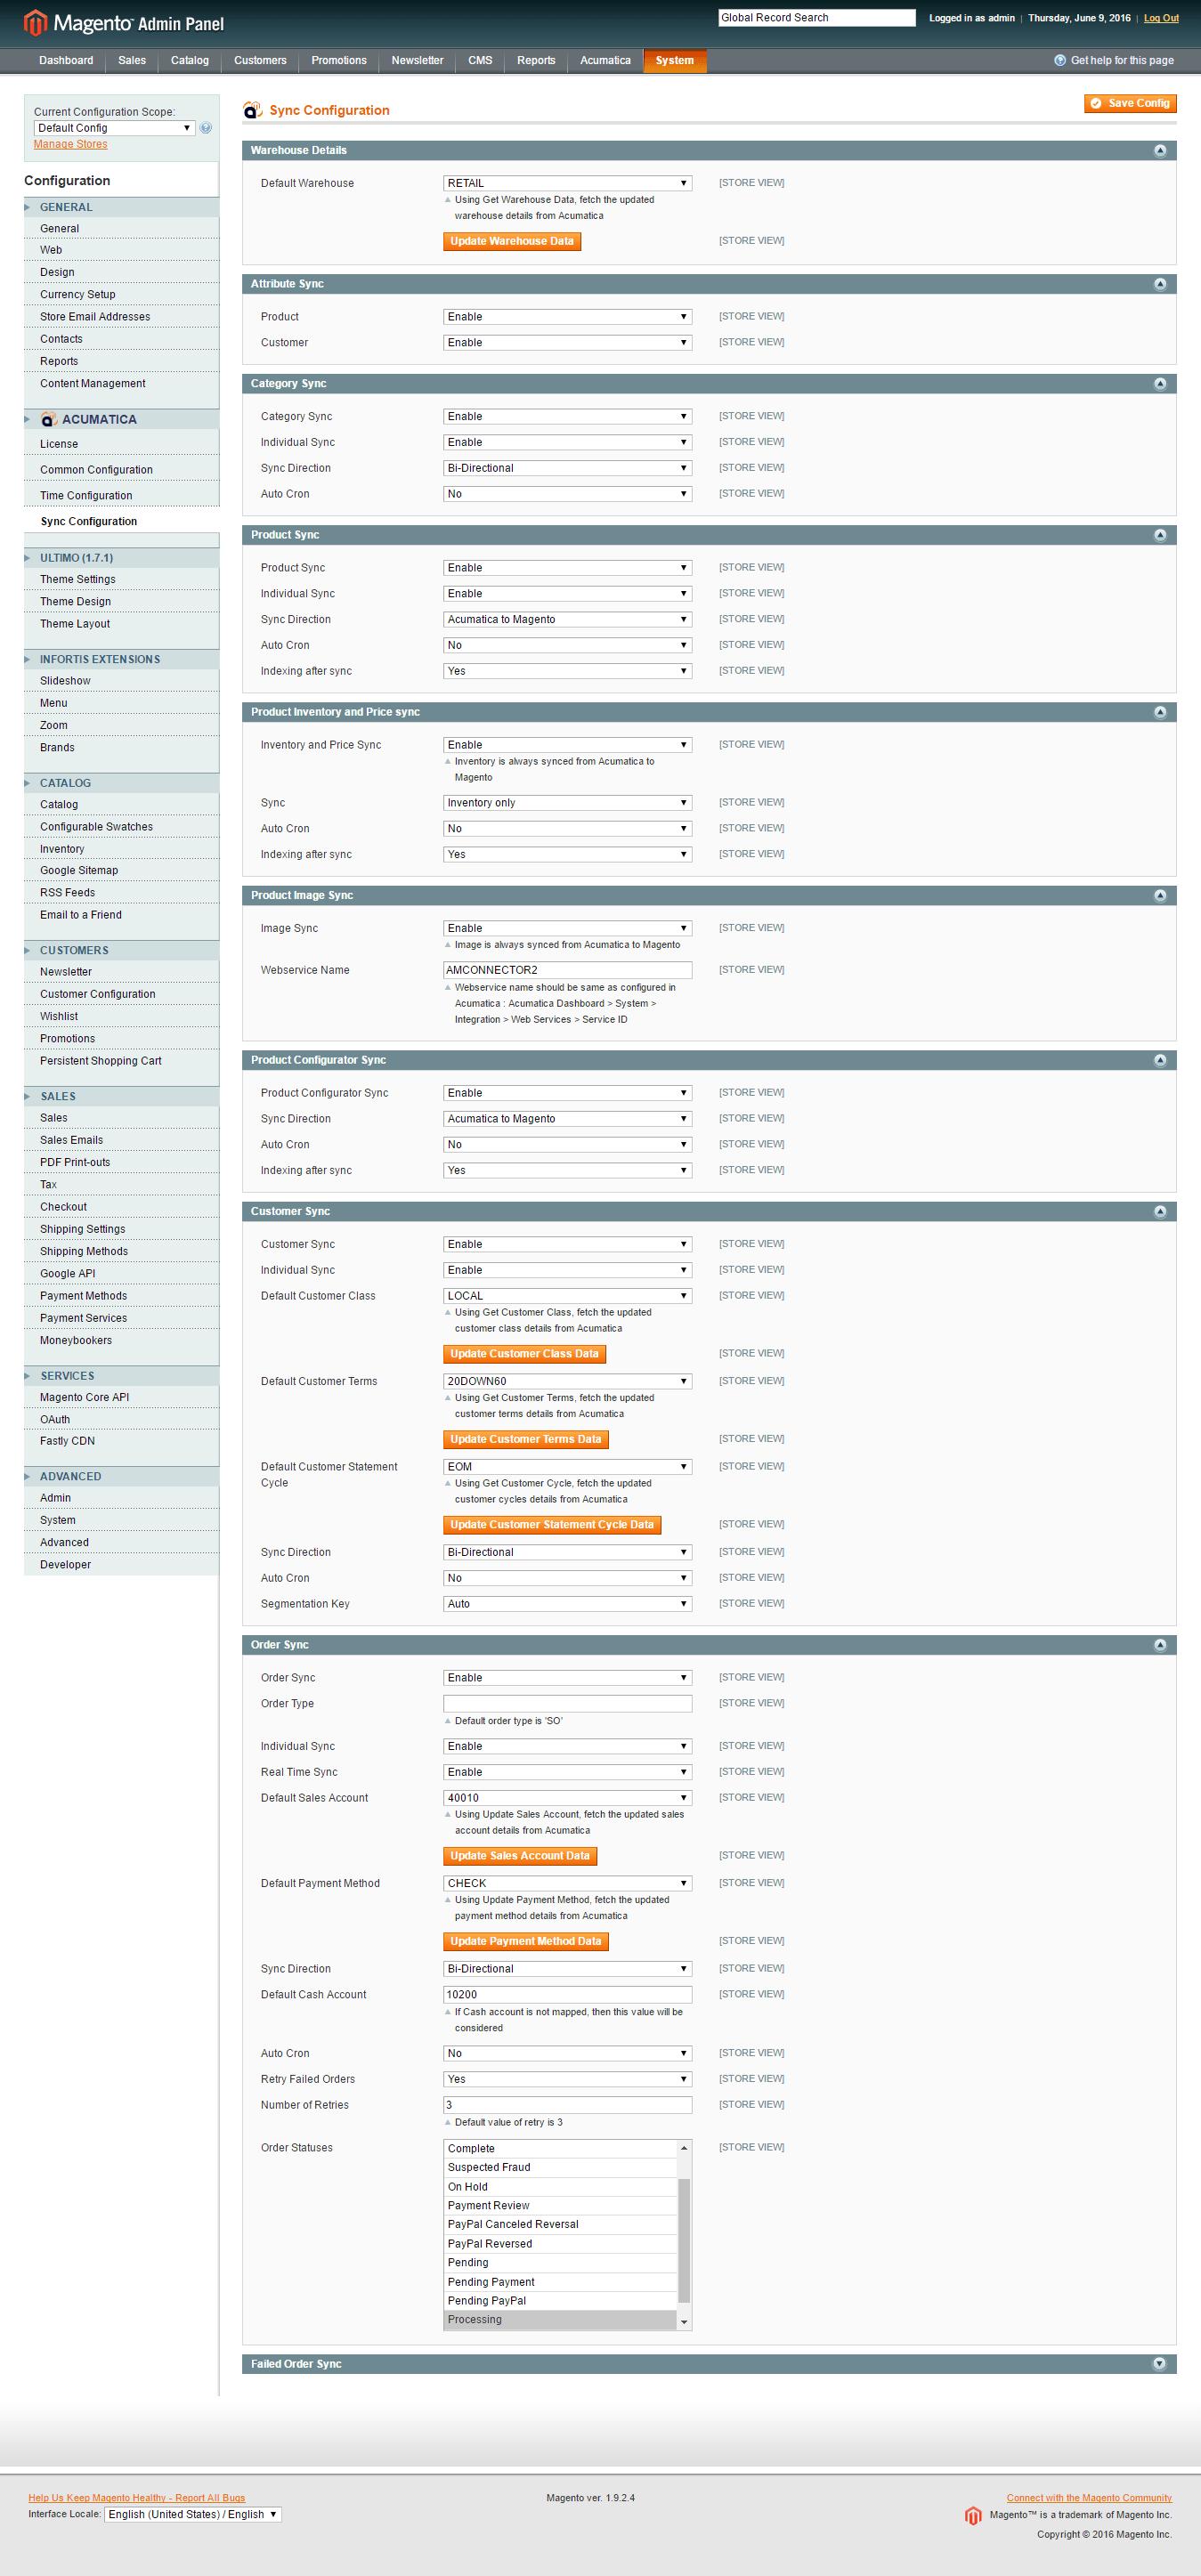 Magento Acumatica Connector: Sync Config